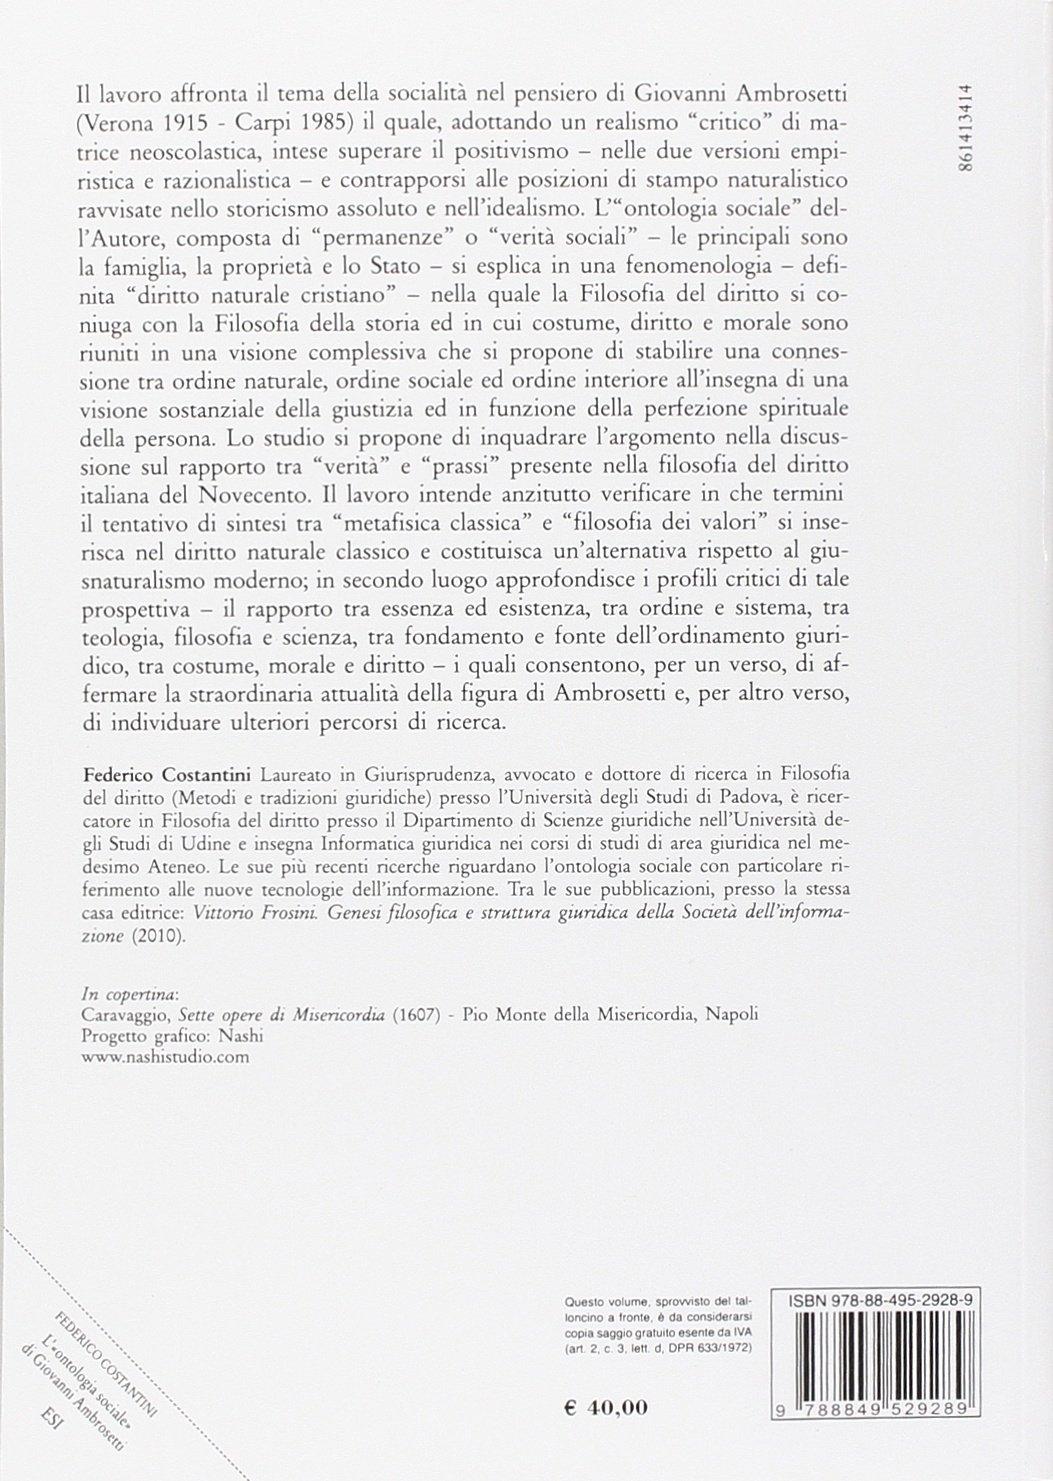 L'ontologia sociale di Giovanni Ambrosetti